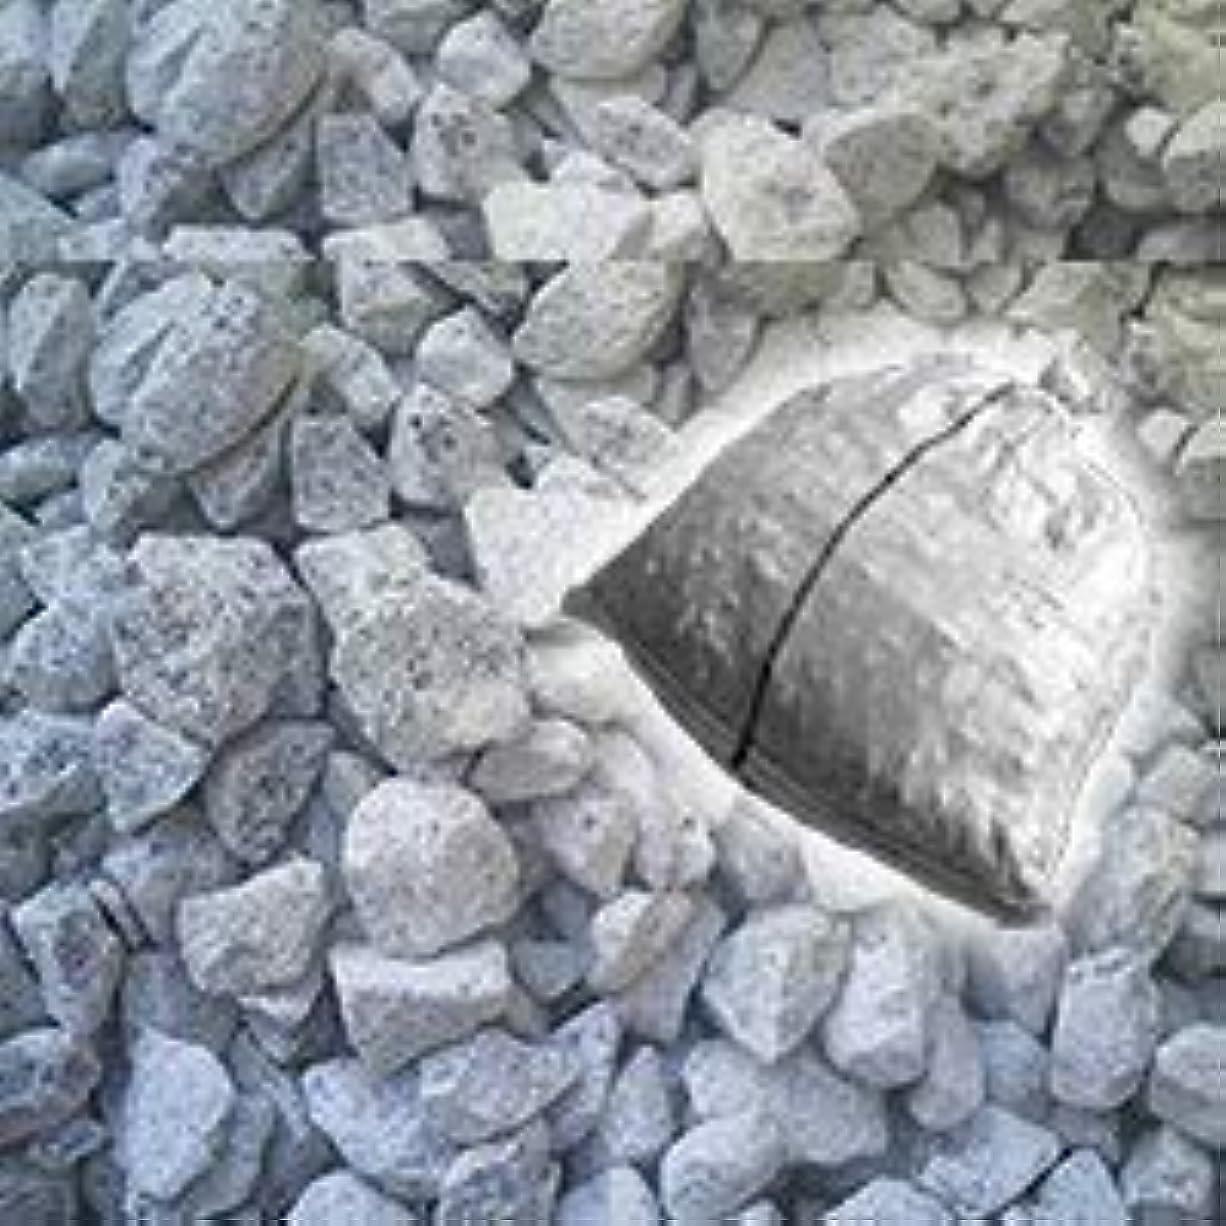 理解するバケット病的ノーブランド品 石灰石(砕石)砂利 18kg 防犯 防草に